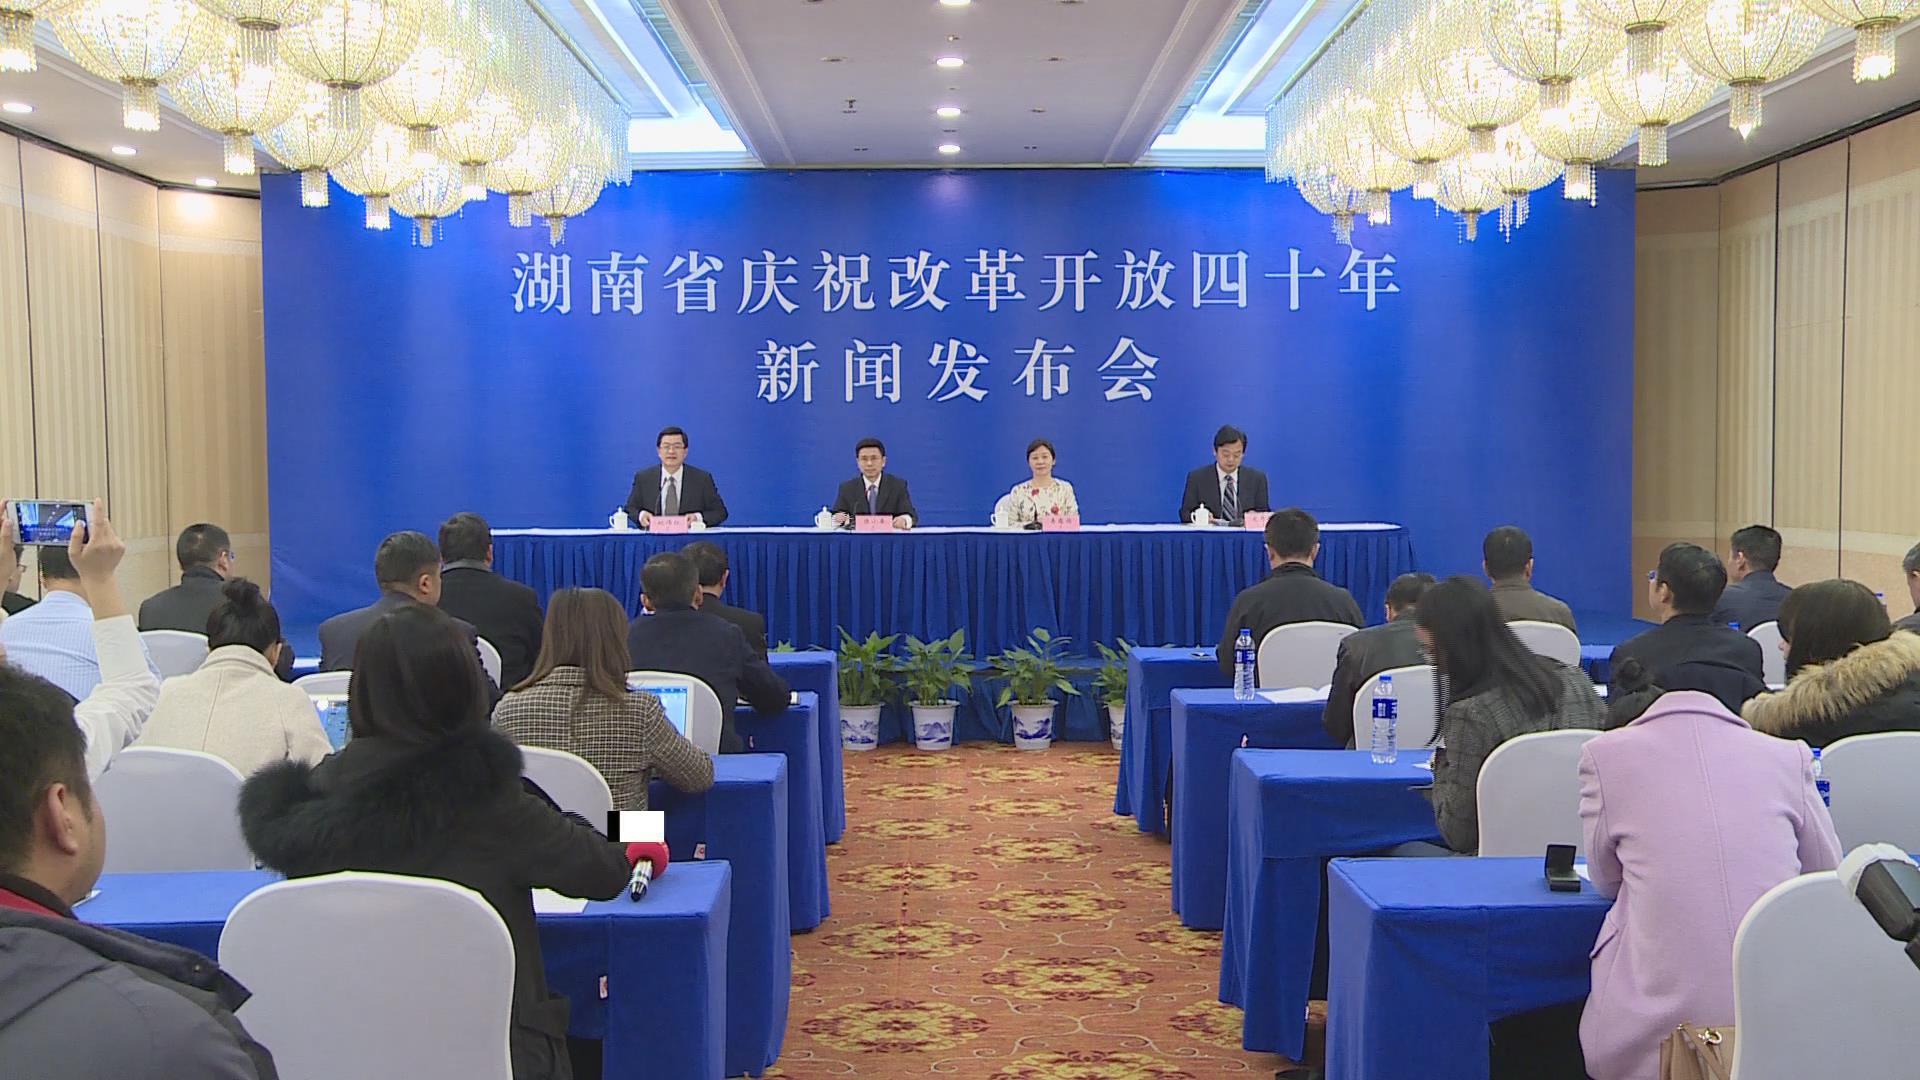 改革开放40年:湖南80%以上居民15分钟可到达医疗点